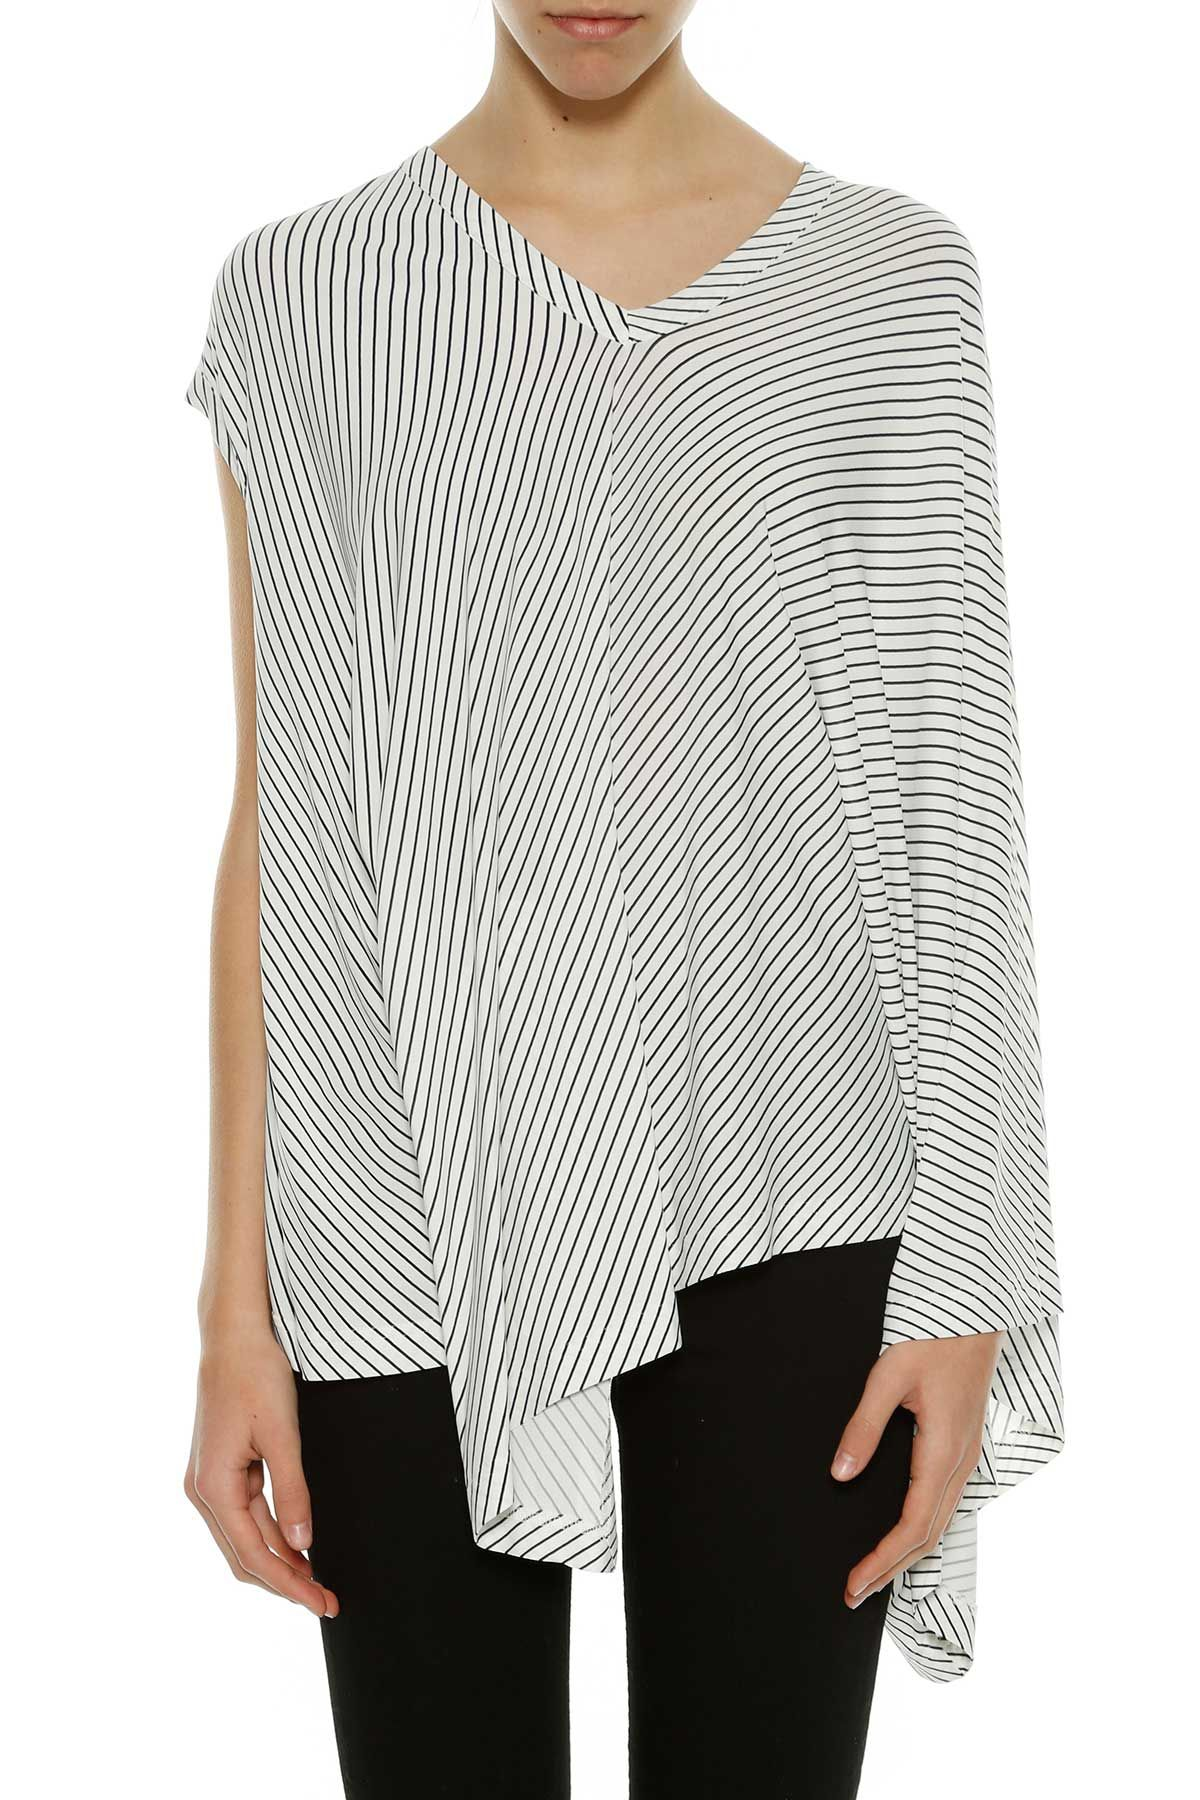 Balenciaga Striped Jersey Asymmetric Top